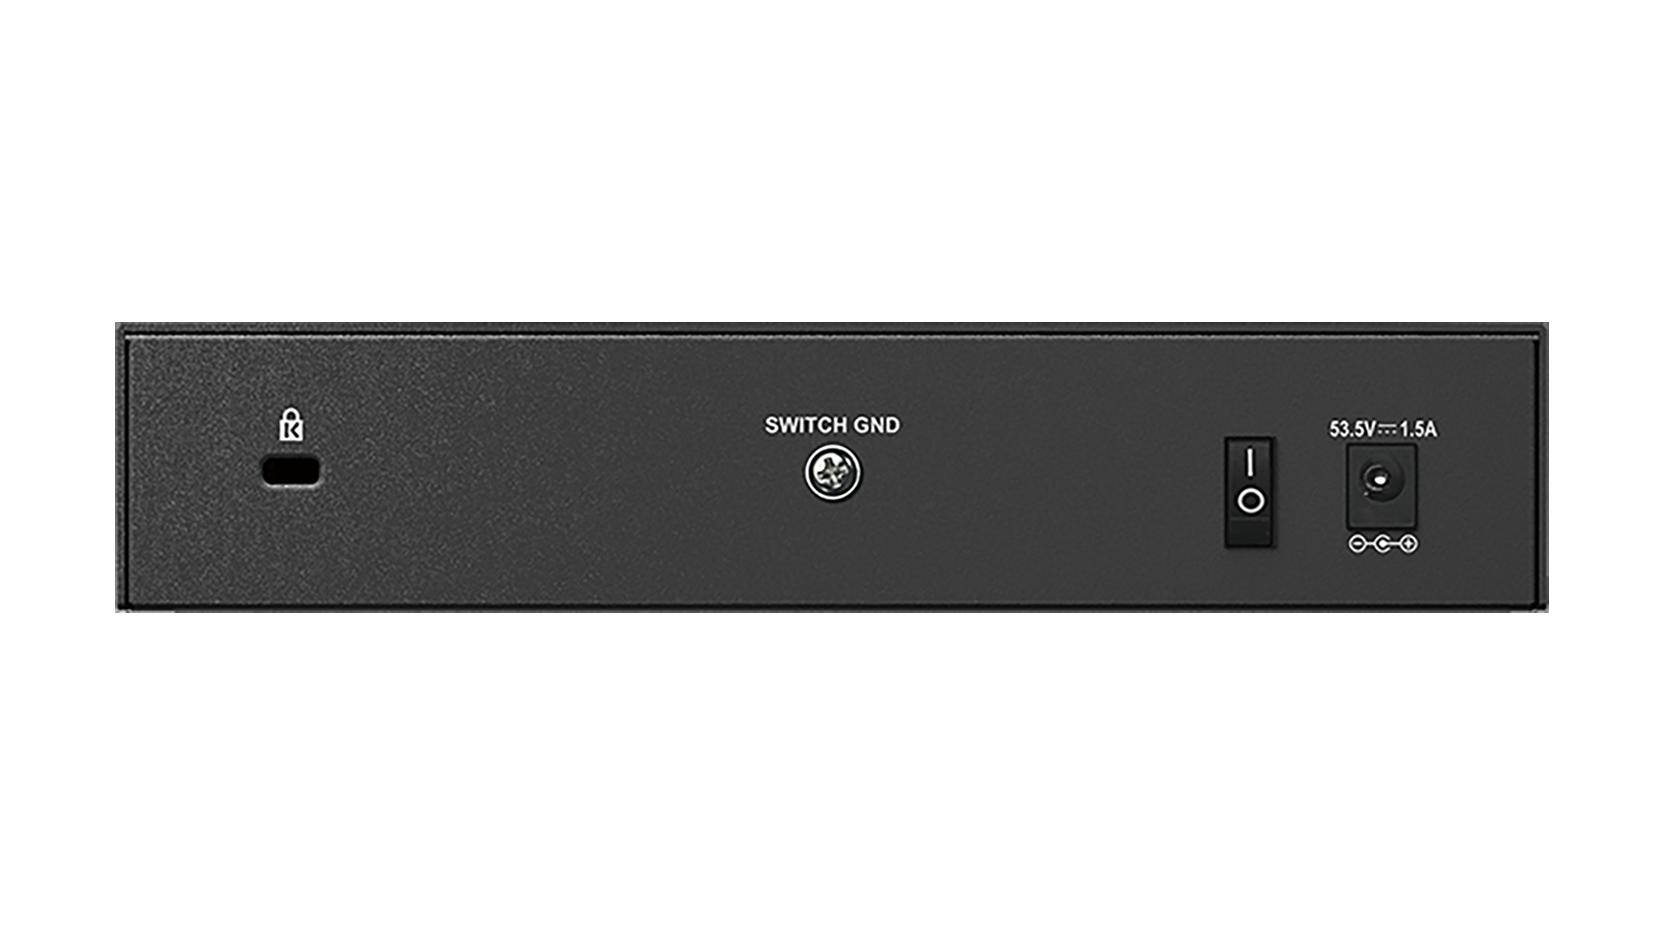 DGS-1008P Switch 8 ports de bureau Gigabit PoE | D-Link France